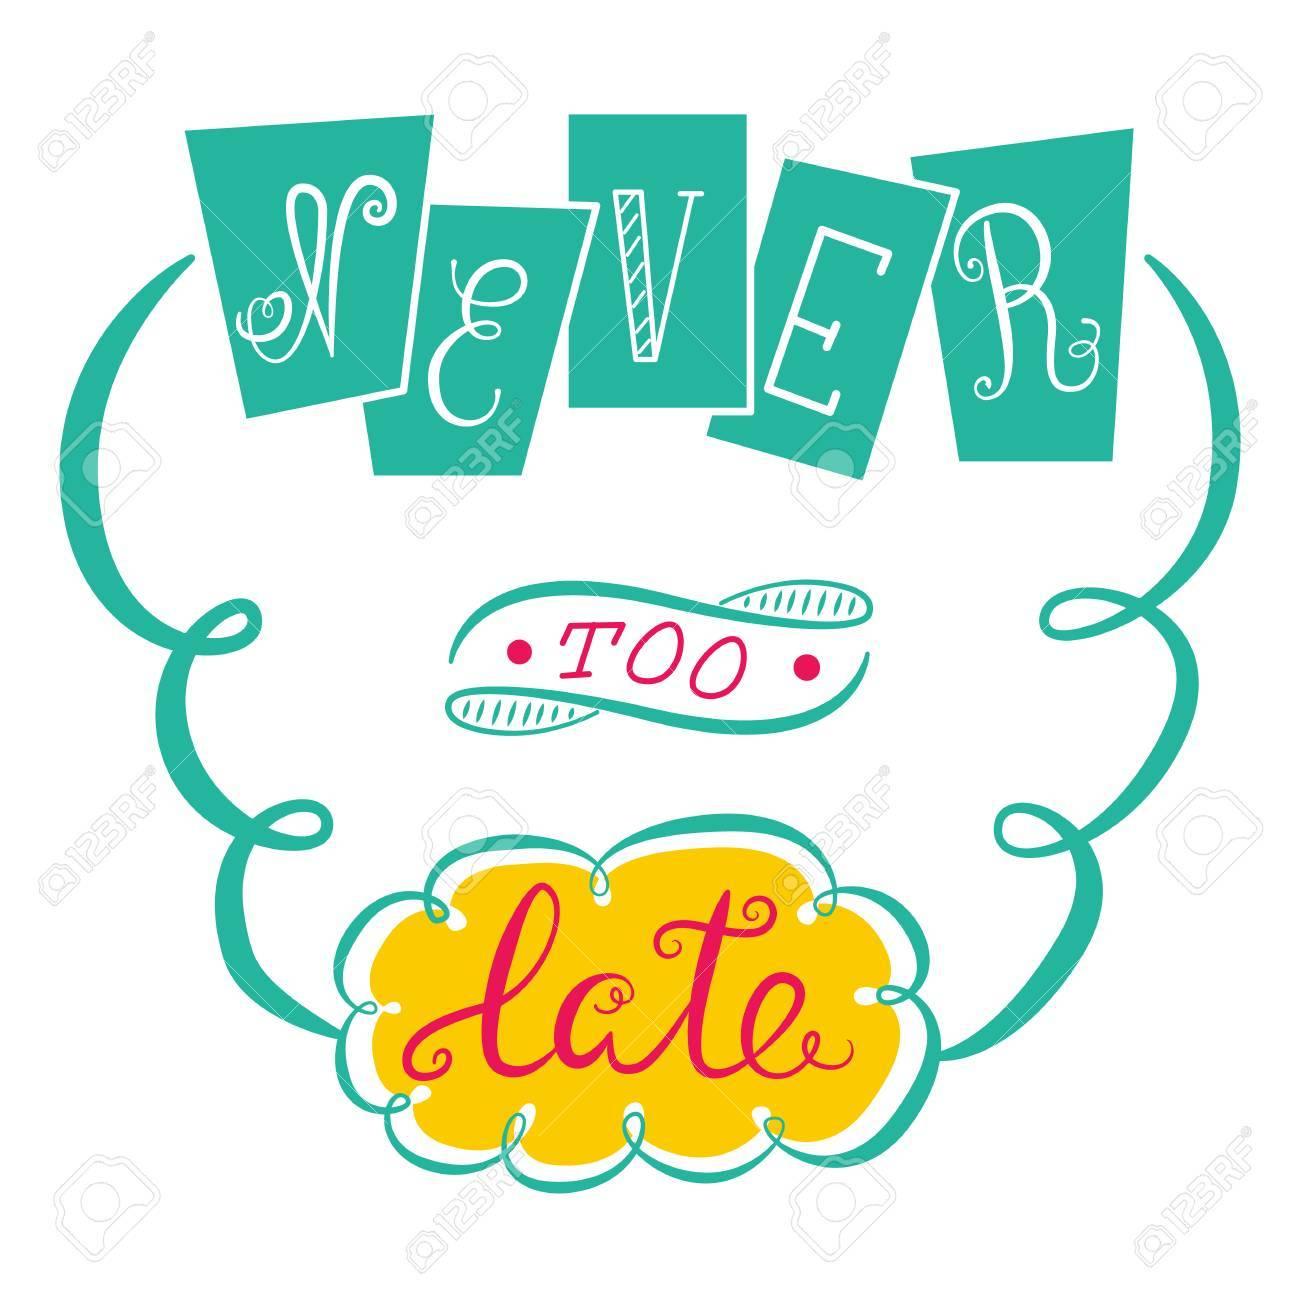 Nunca Es Tarde El Cartel Con Una Frase De Motivación Mano Frase Letras